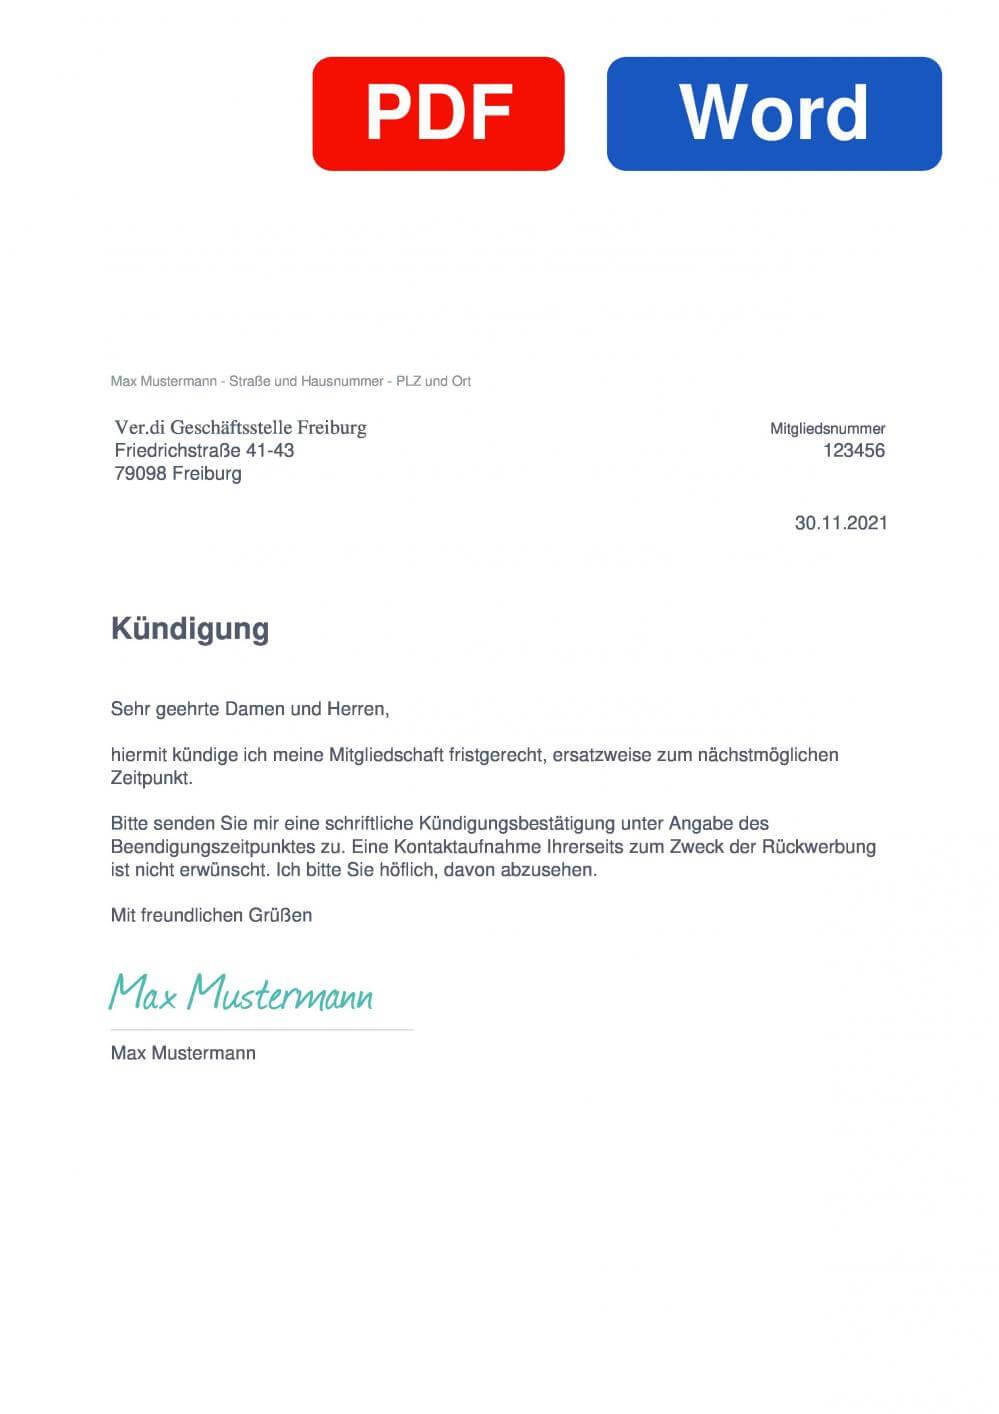 Verdi Freiburg Muster Vorlage für Kündigungsschreiben